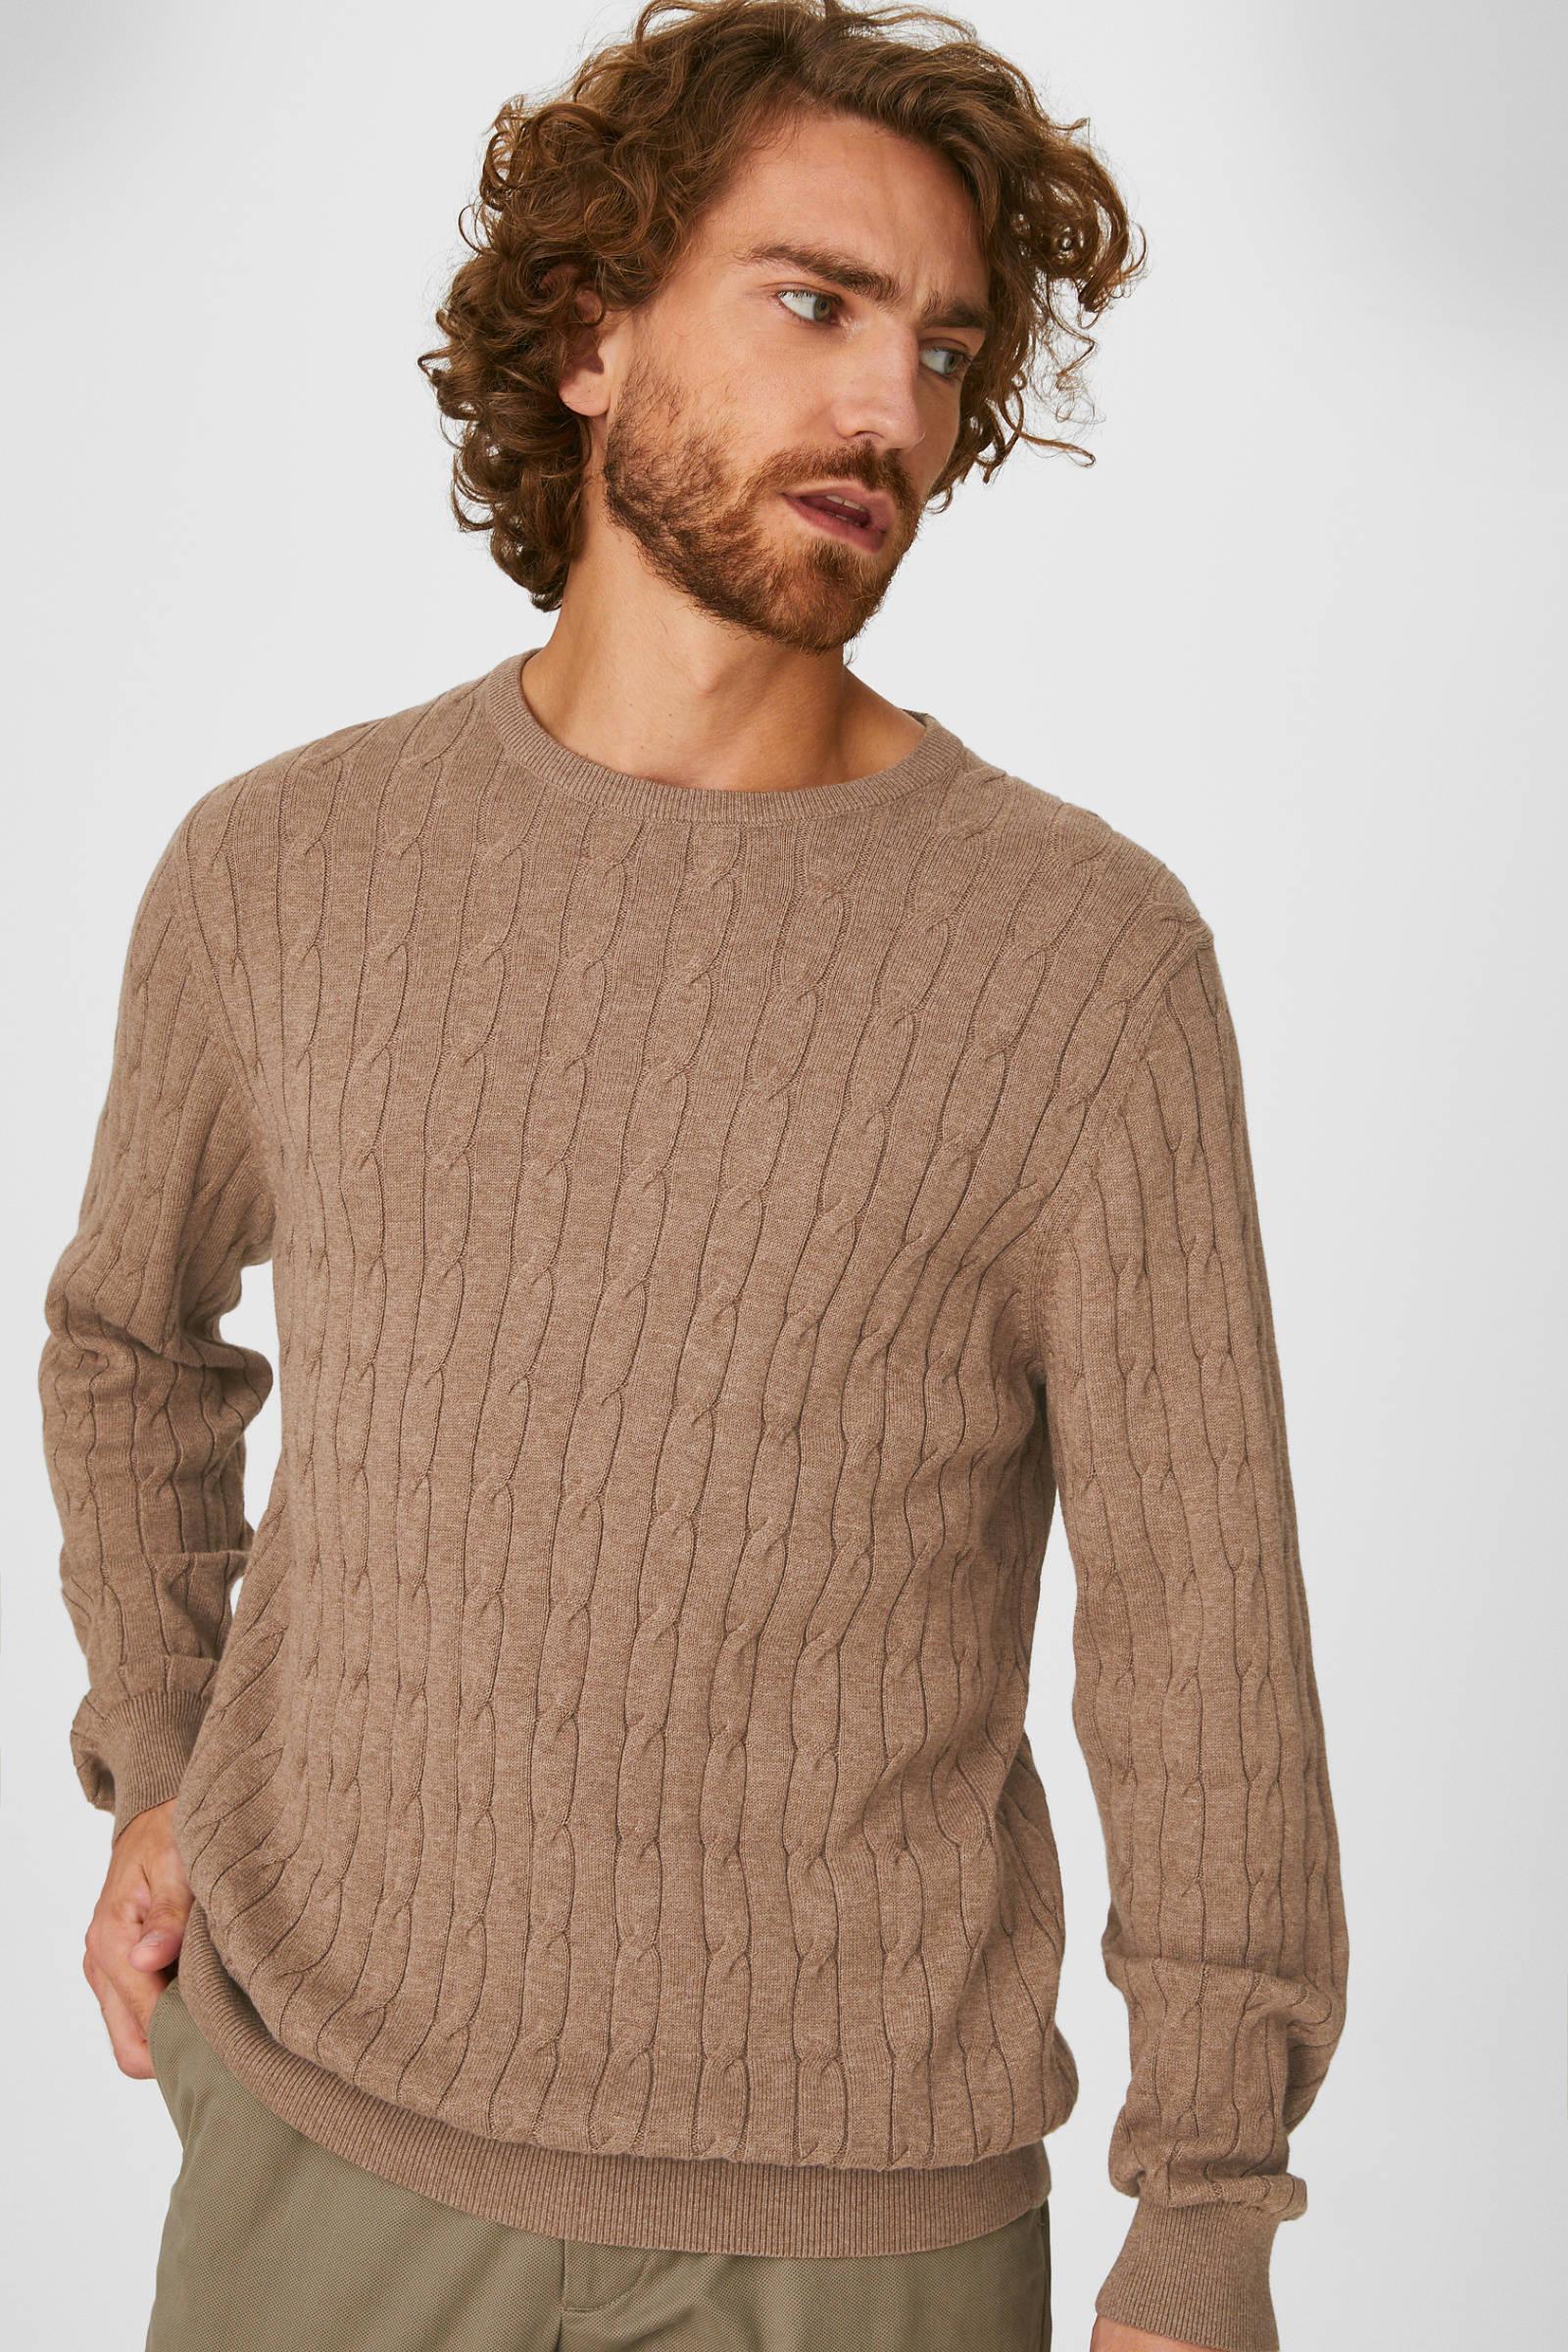 C&A Canda truien voor heren kopen Vind jouw C&A Canda